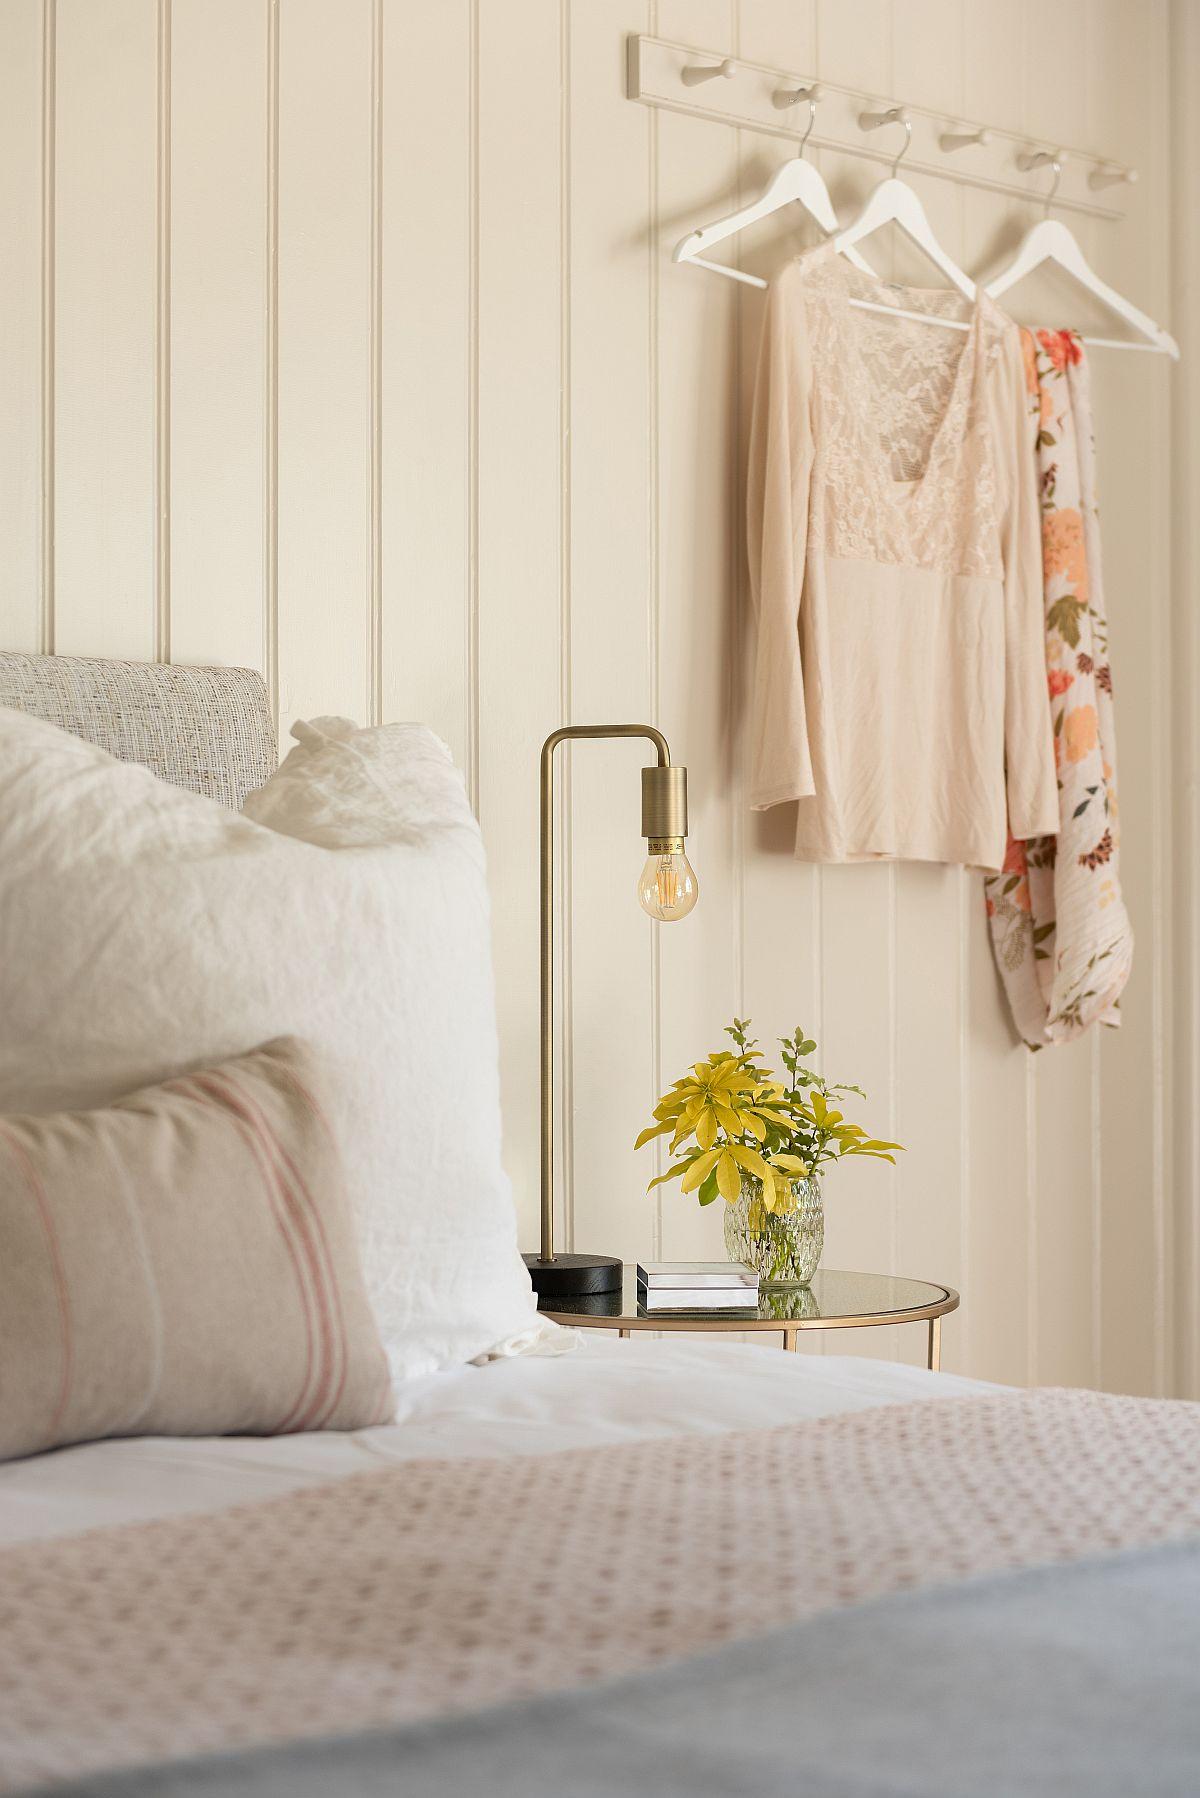 Un cuier în lateralul patului dă senzația de casă de vacanță, dar te ajută să ai lucrurile la îndemână (poate fi un halat de casă sau poșetă pe care n-ai cum să le pui pe noptiere).